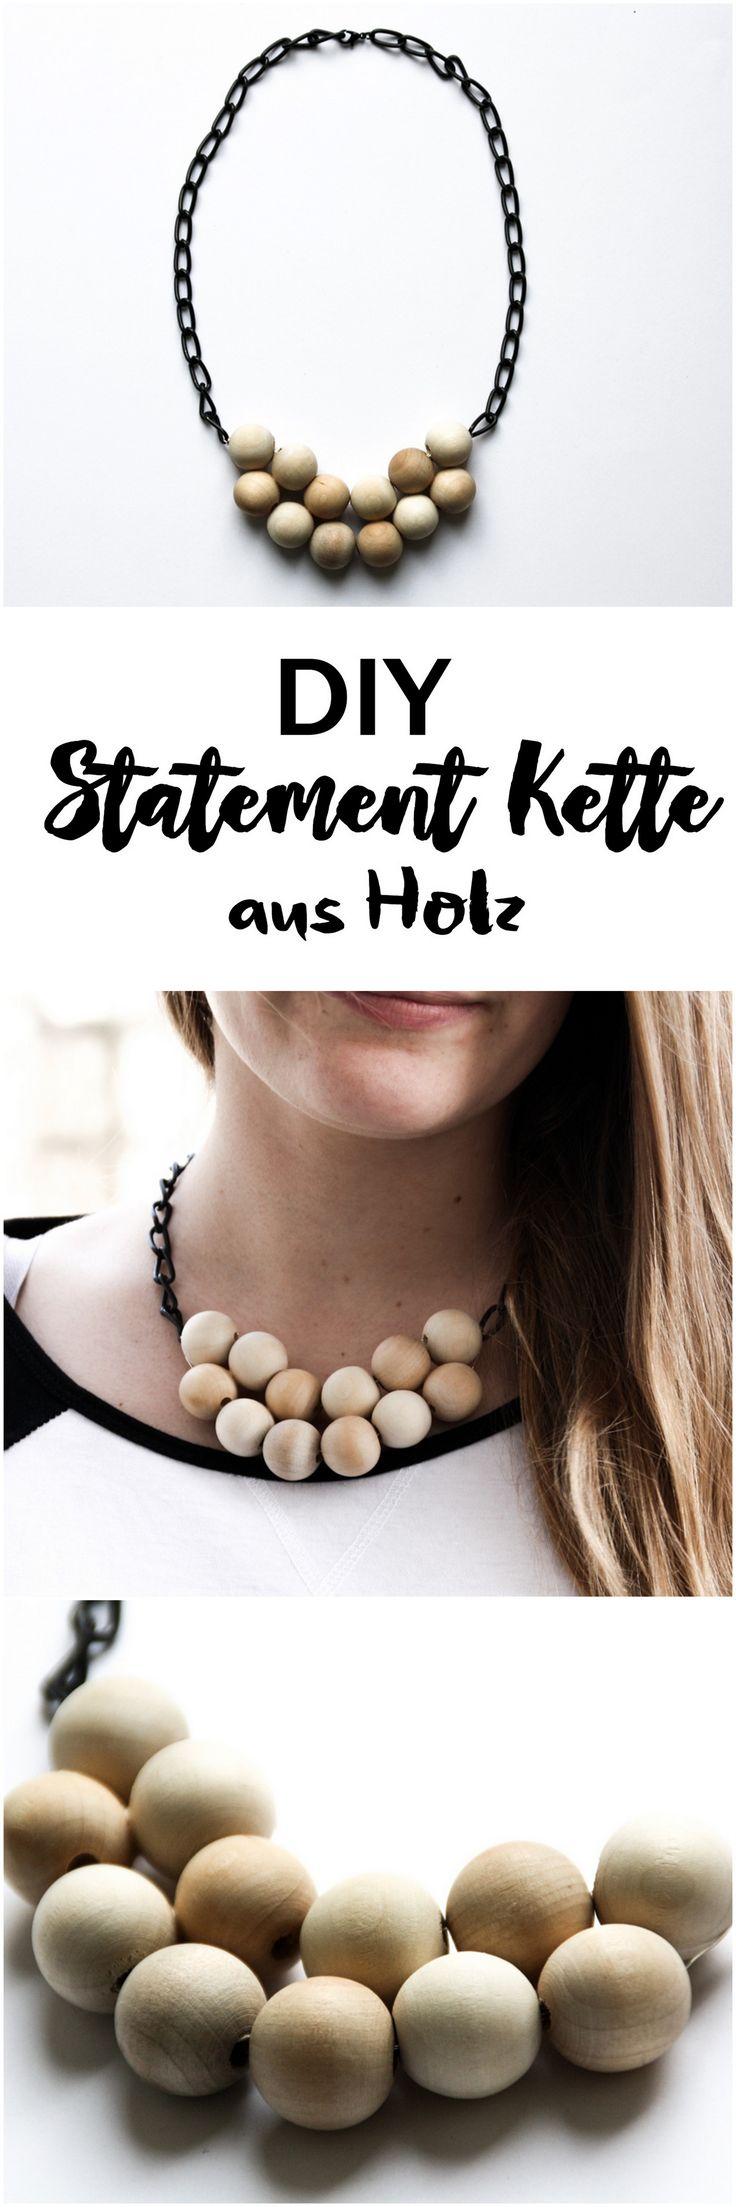 326 besten DIY ready Bilder auf Pinterest | Gelee, Bastelei und ...